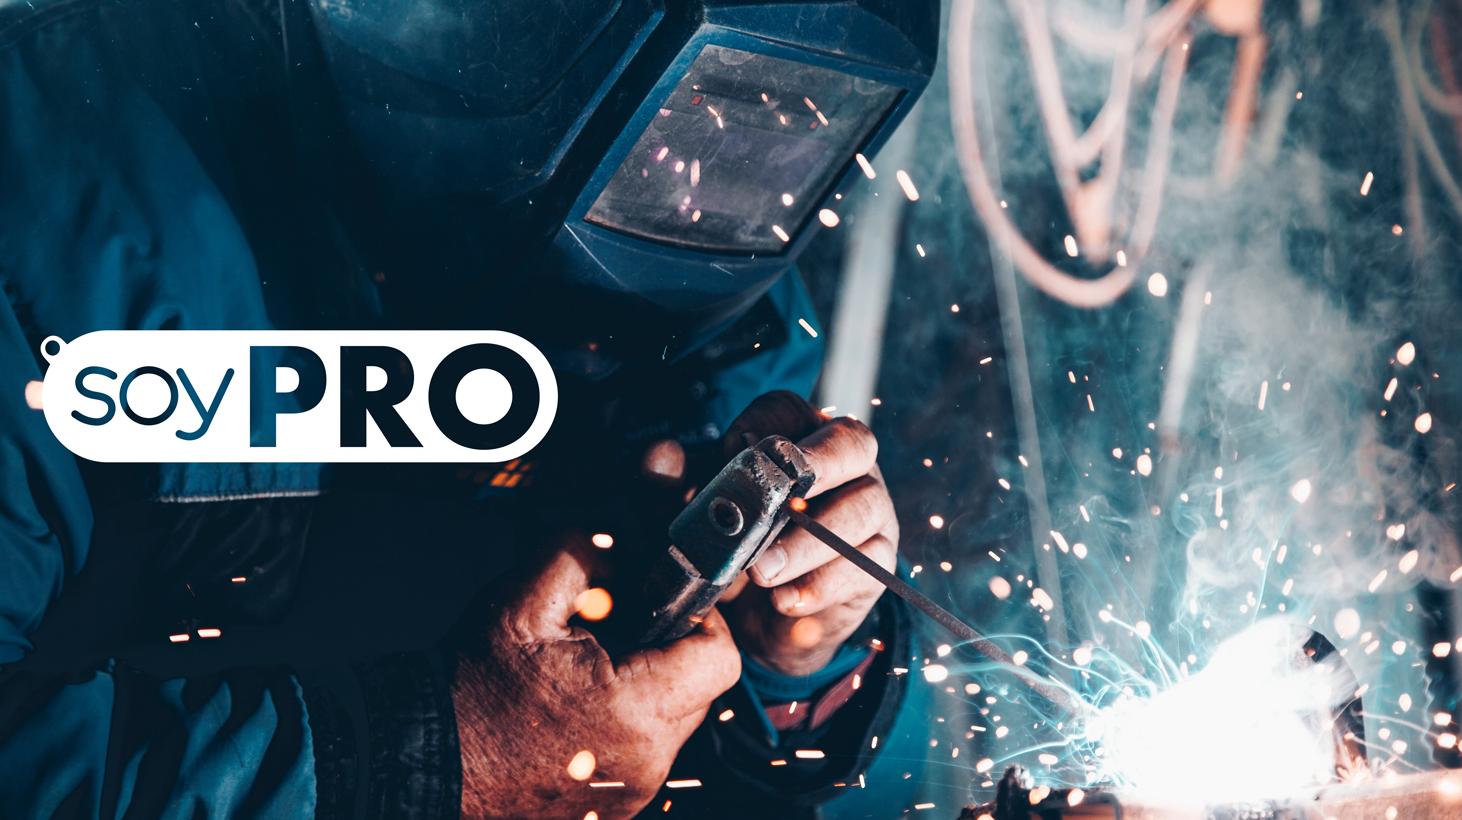 SoyPro: visibilidad, desarrollo y aporte a la sociedad.